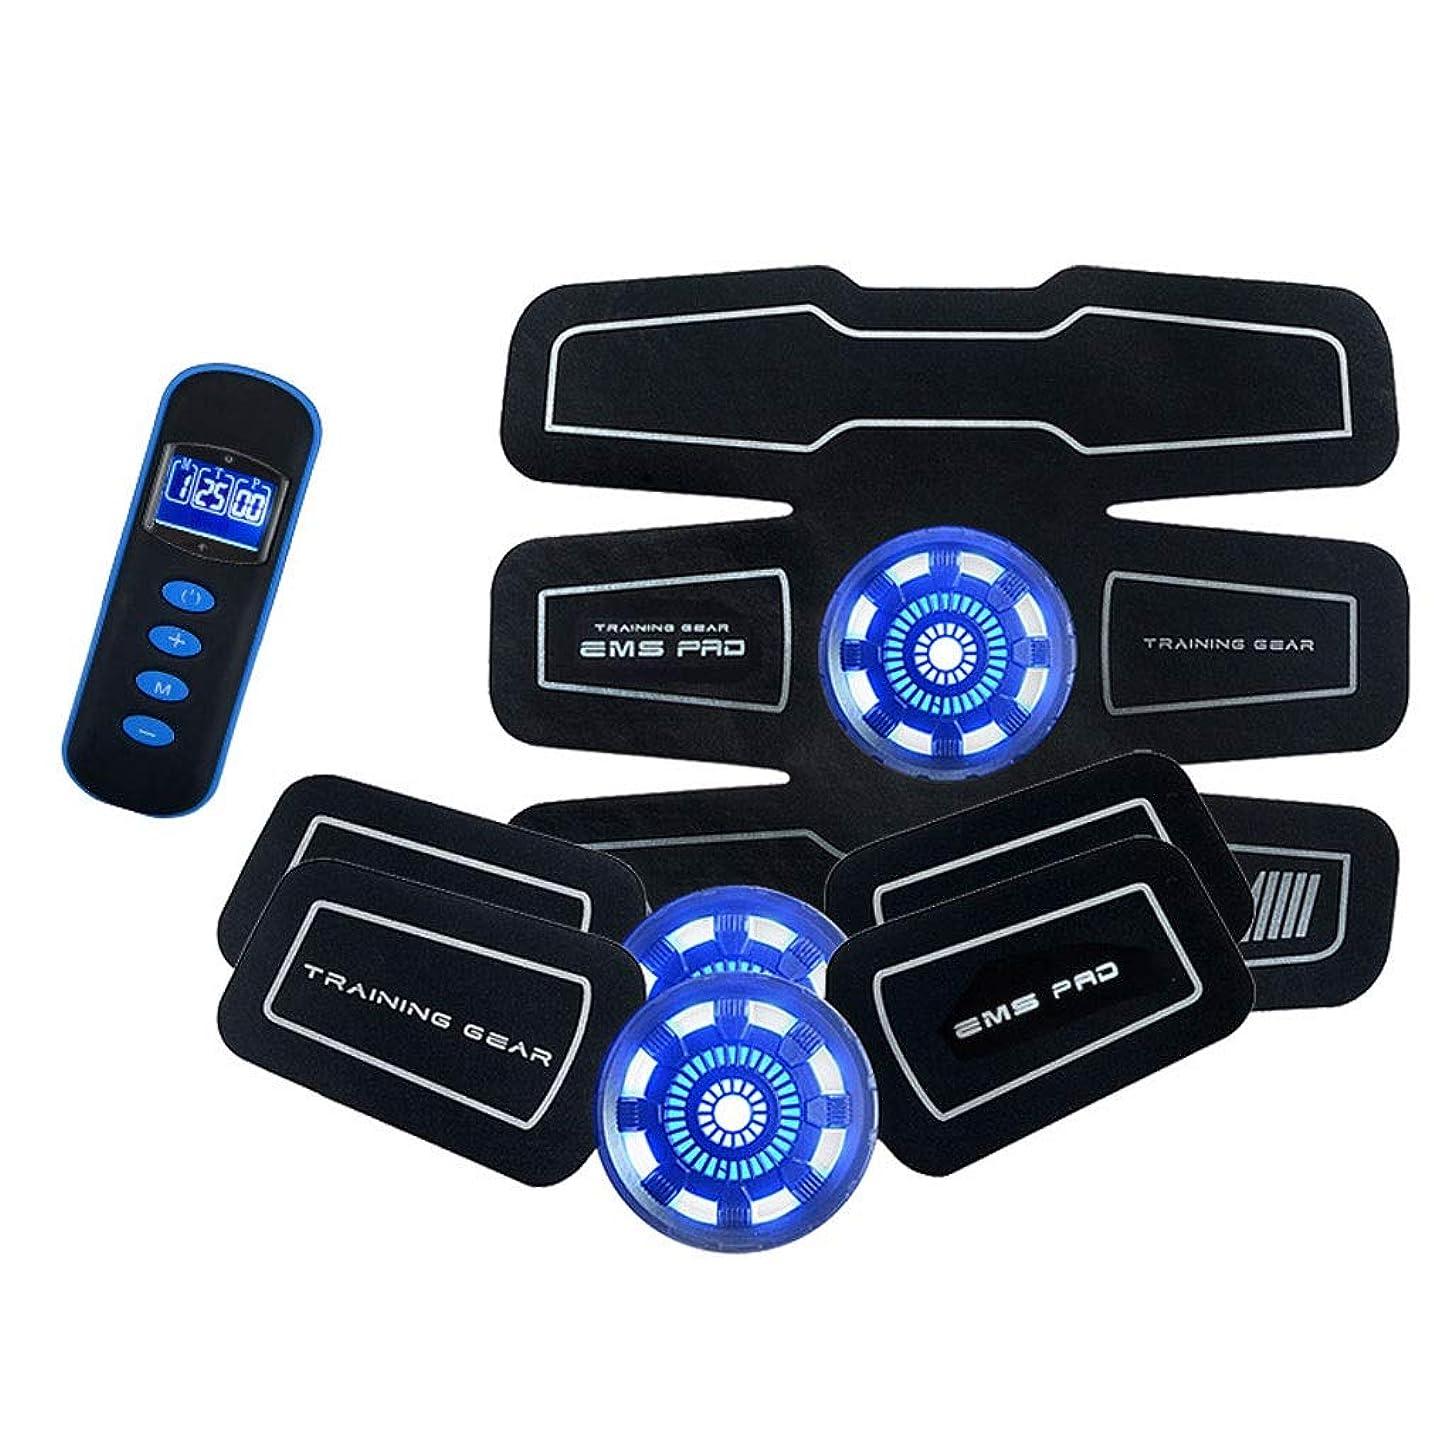 ブースト連鎖主張する腹筋トレーナーフィットネストレーニングギア、リモコン付きEMS筋肉刺激装置 - USB充電式究極腹部刺激装置 - ポータブル筋肉トナー